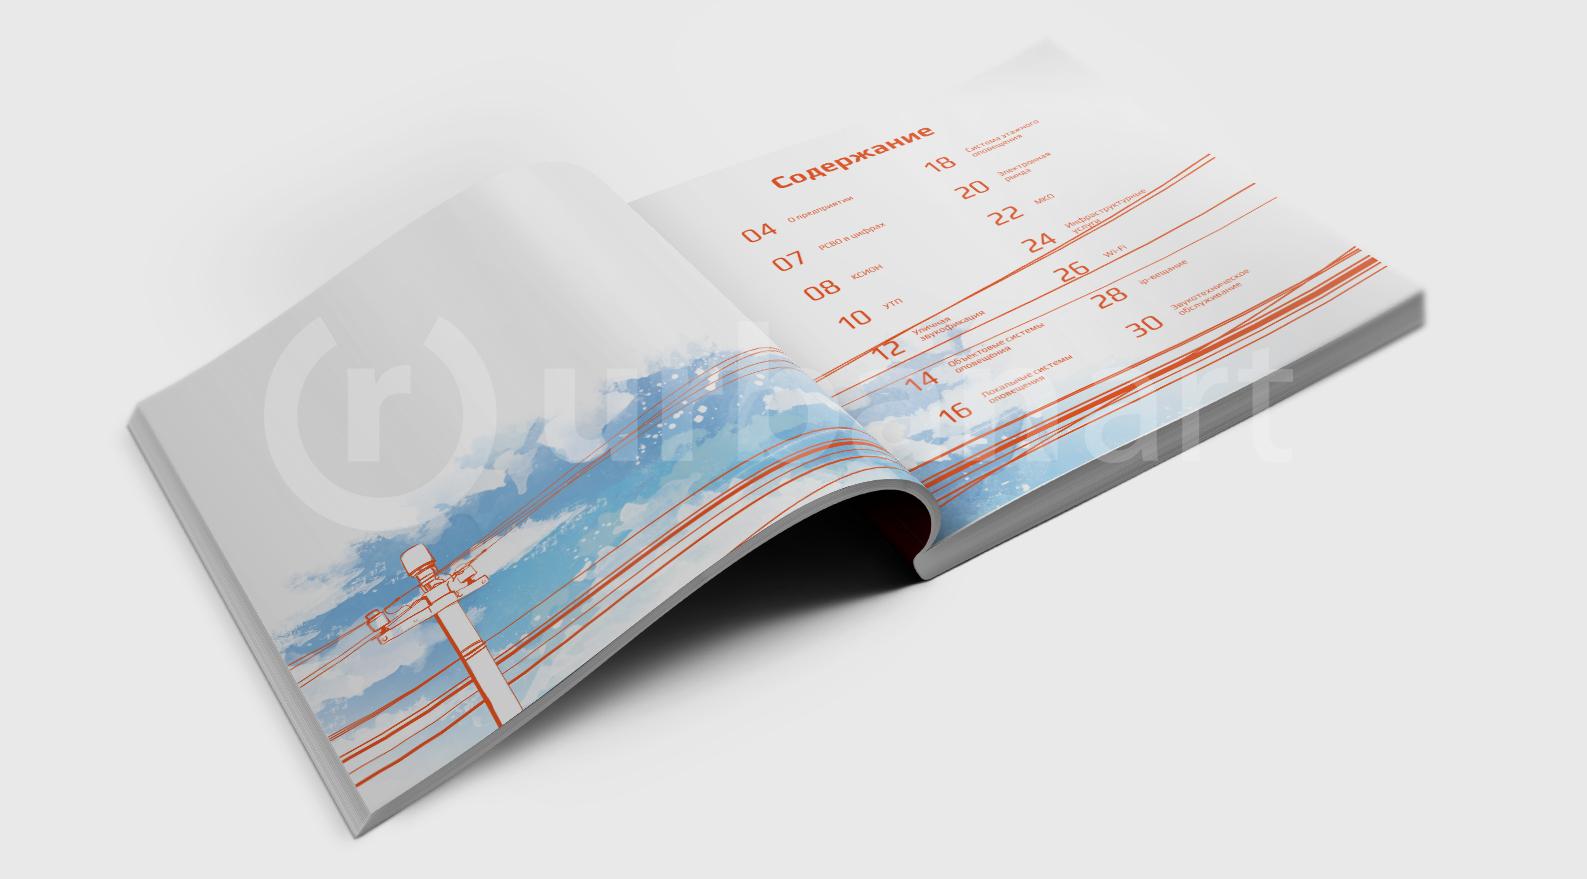 разработка нового буклета для компании РСВО